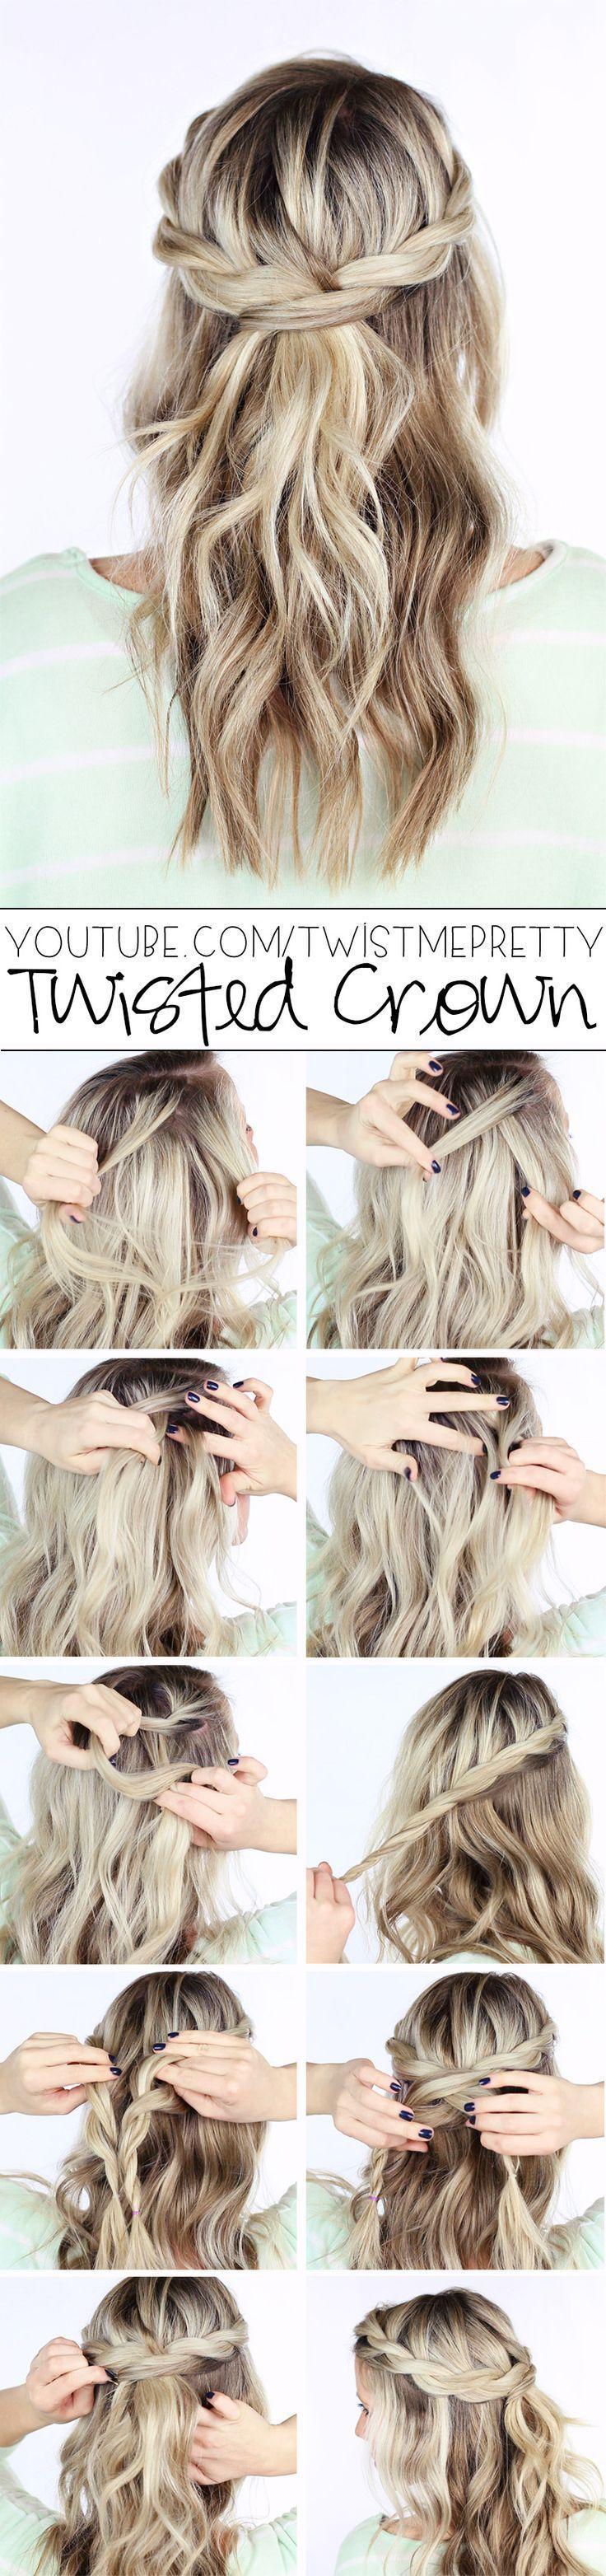 DIY Wedding Hairstyle - Twisted crown braid half up half down hairstyle - Deer P...